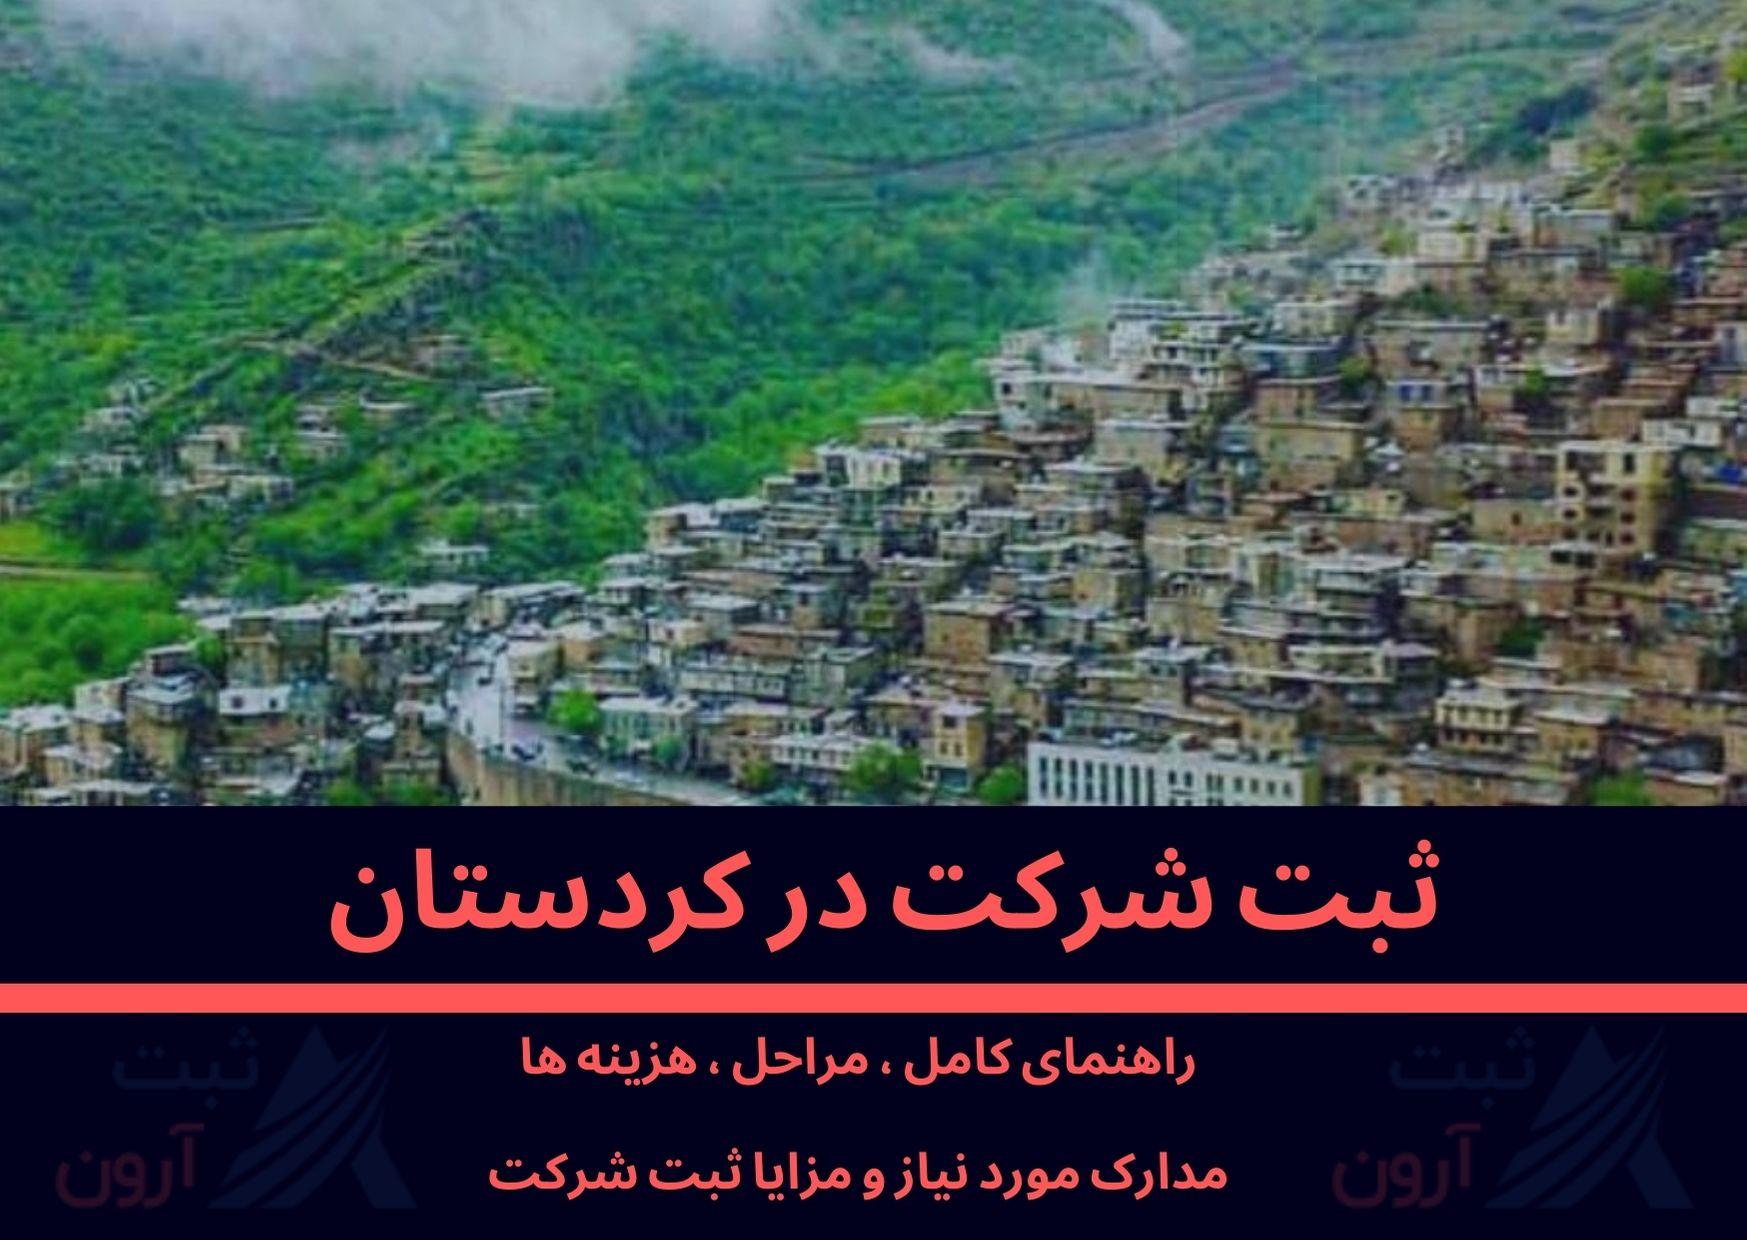 ثبت شرکت در کردستان، مراحل ثبت و مدارک مورد نیاز